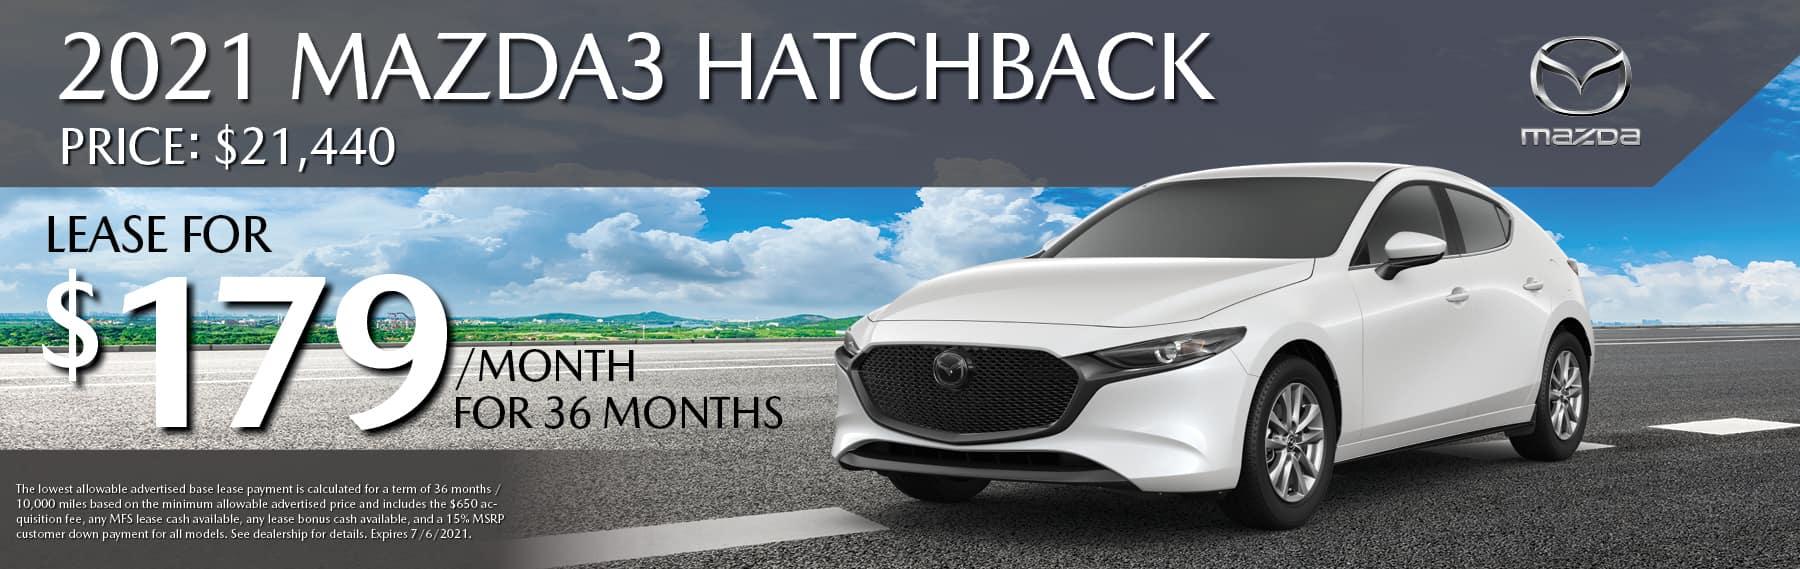 lease mazda 3 hatchback